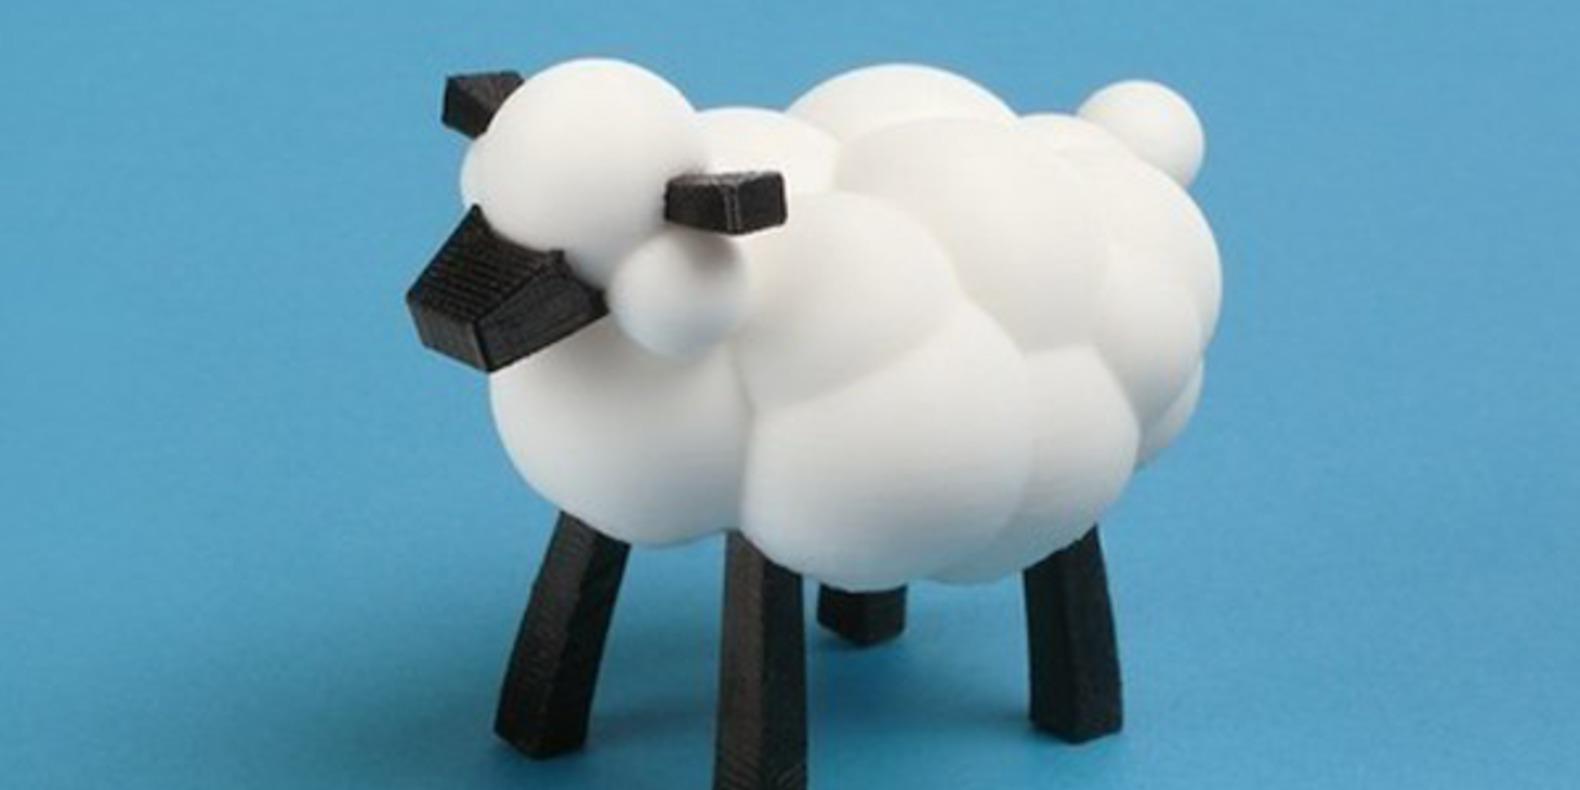 4.Mouton-LeoTheMakerPrince jouets imprimés en 3D